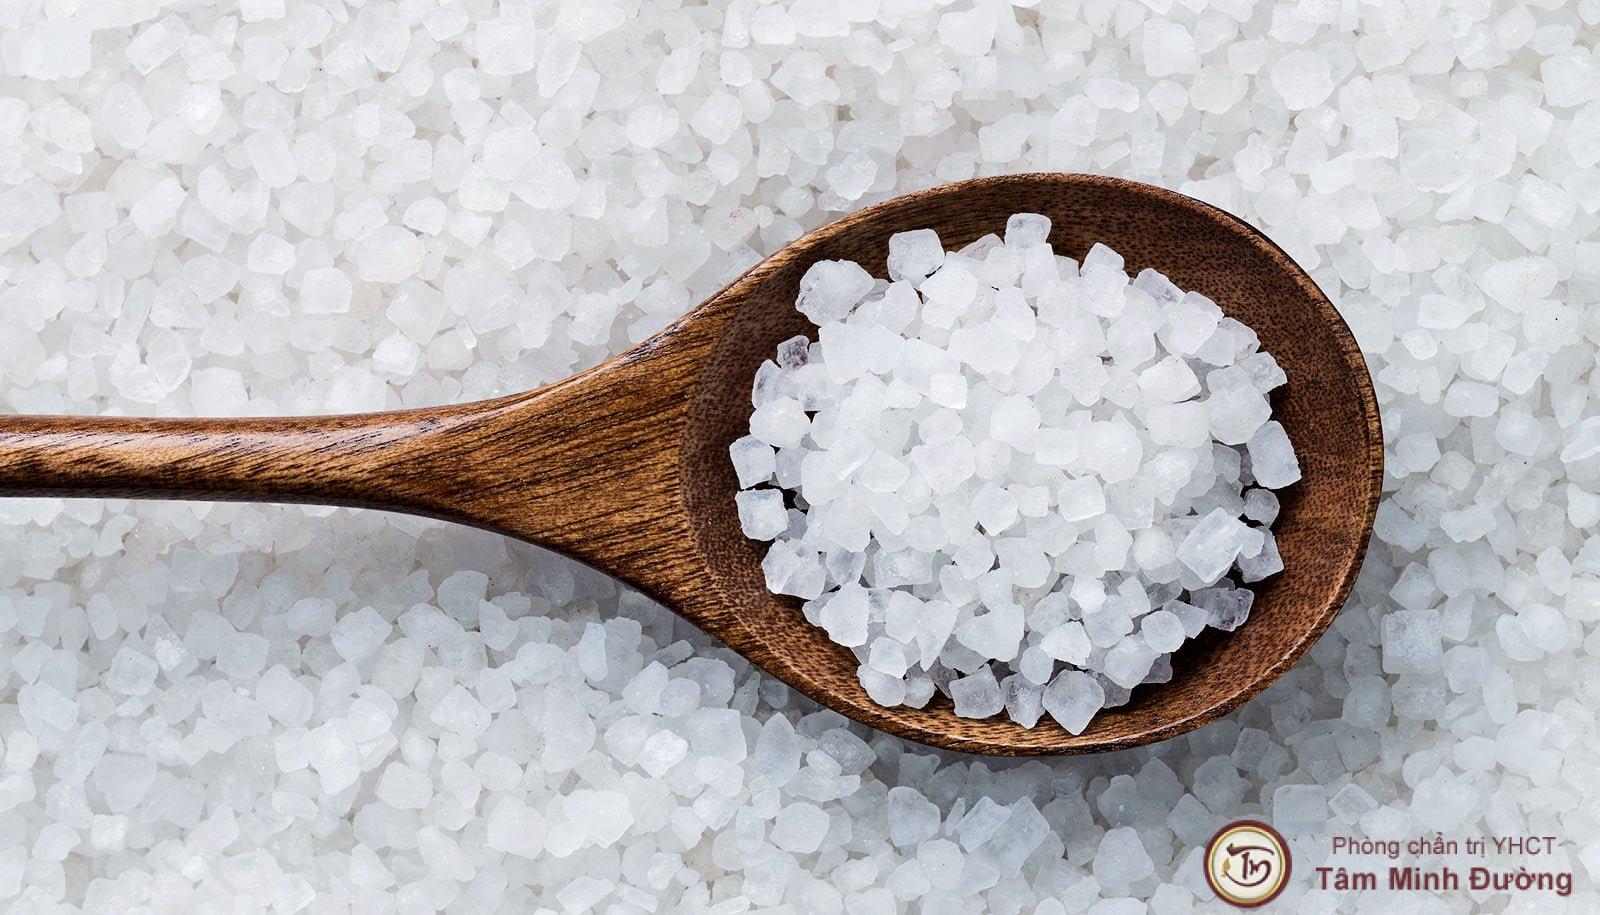 chữa hắc lào bằng muối